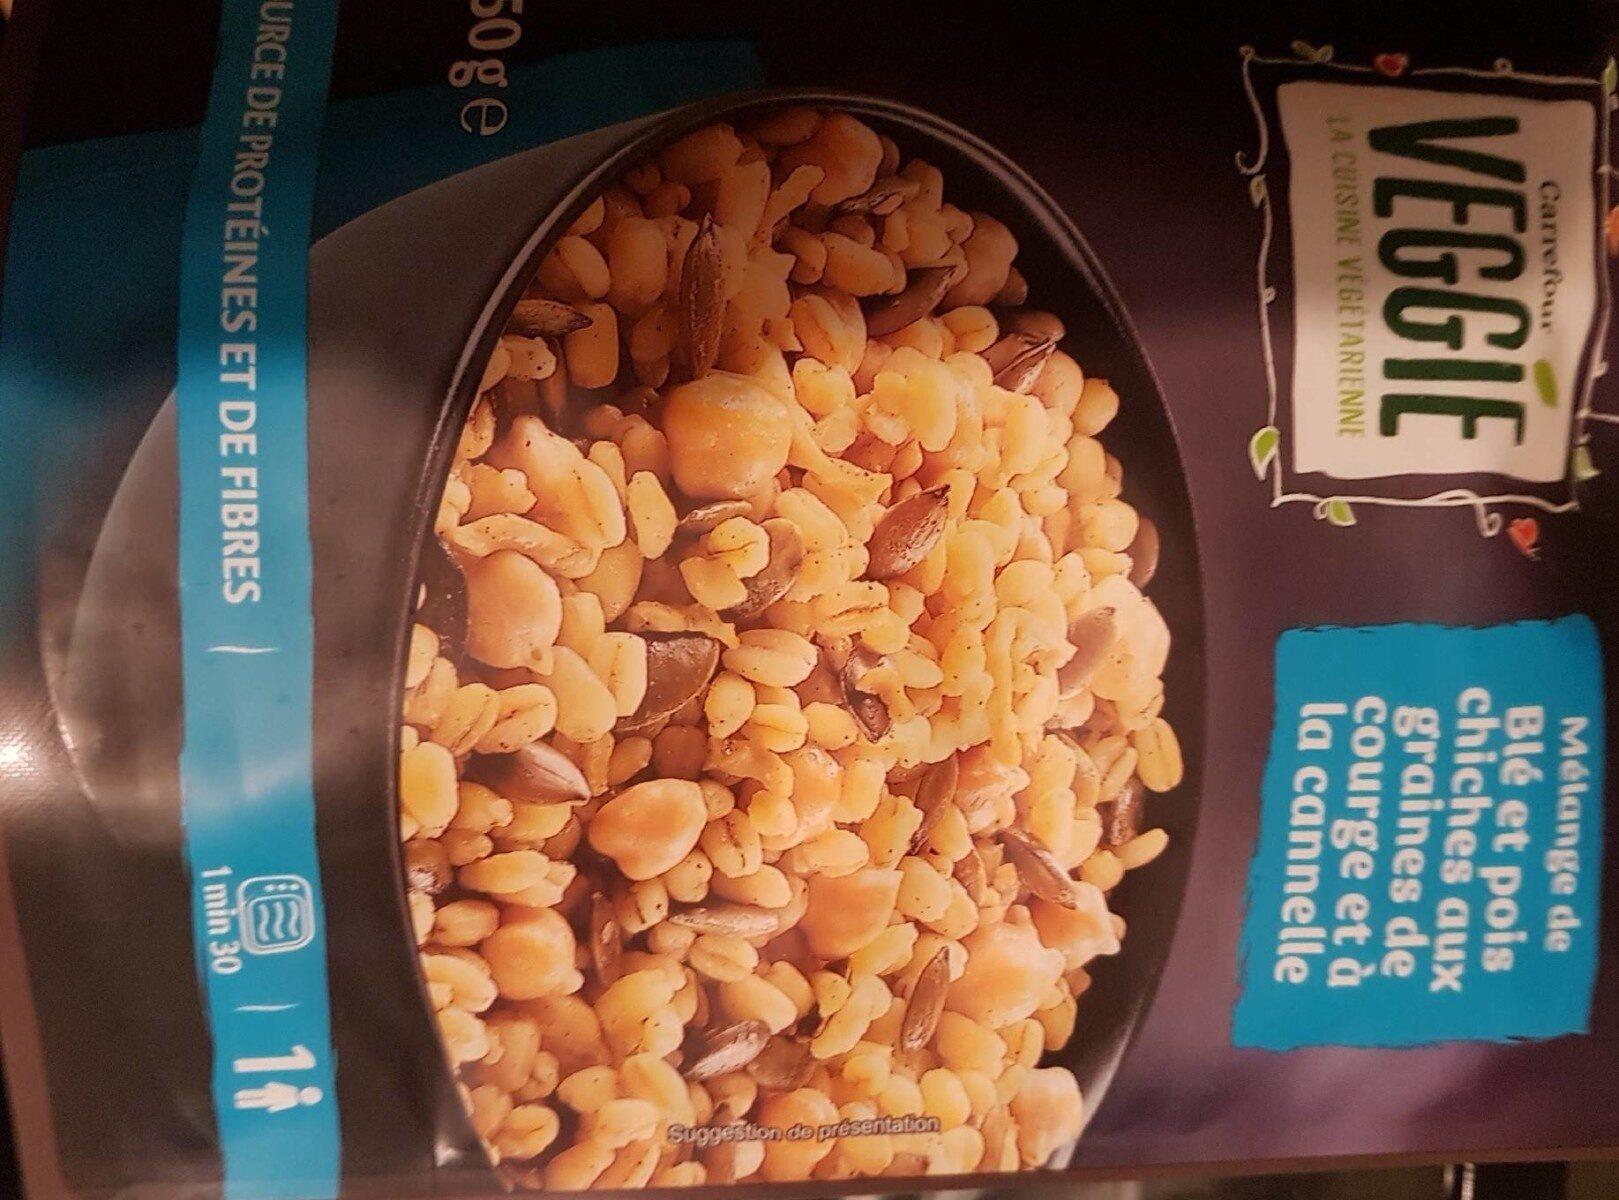 Blé et pois chiches aux graines de courge et à la cannelle - Product - fr